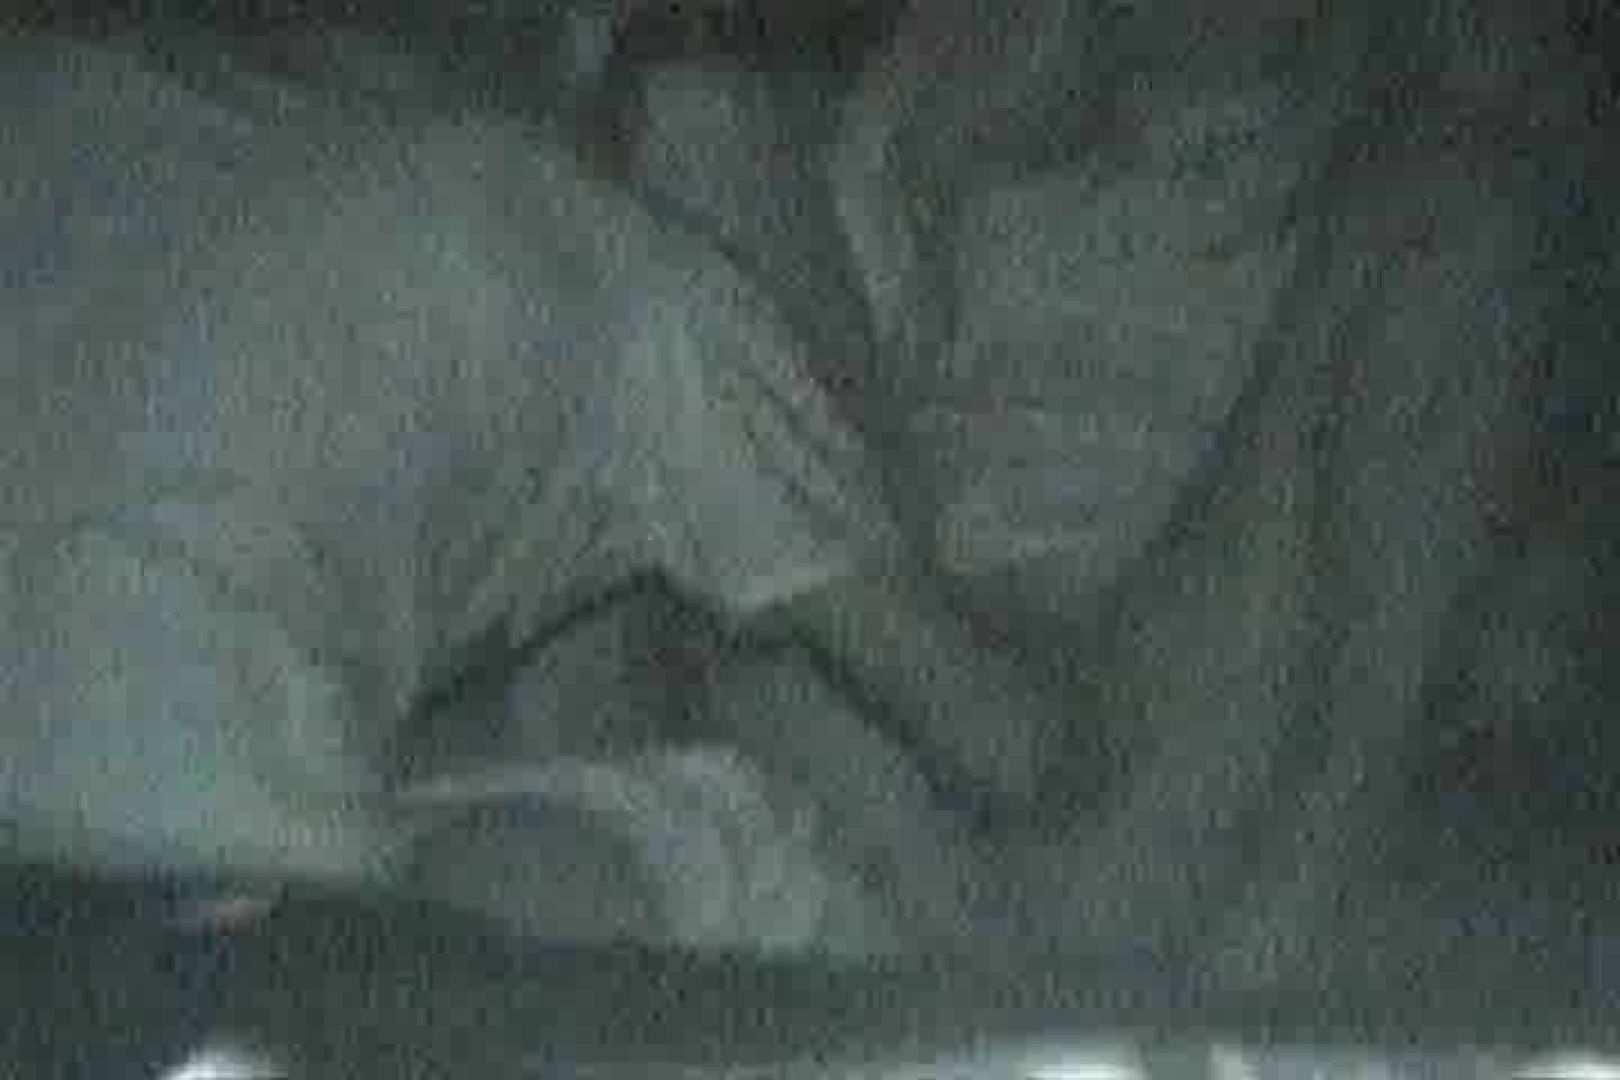 充血監督の深夜の運動会Vol.104 テクニック 隠し撮りオマンコ動画紹介 105pic 11